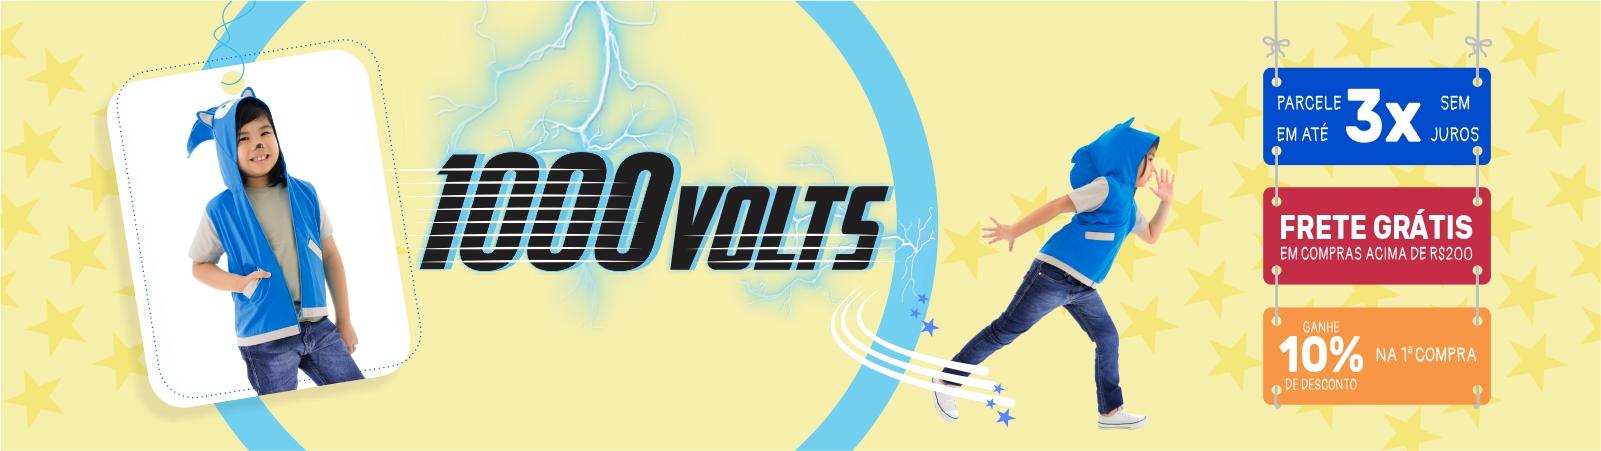 1000 volts